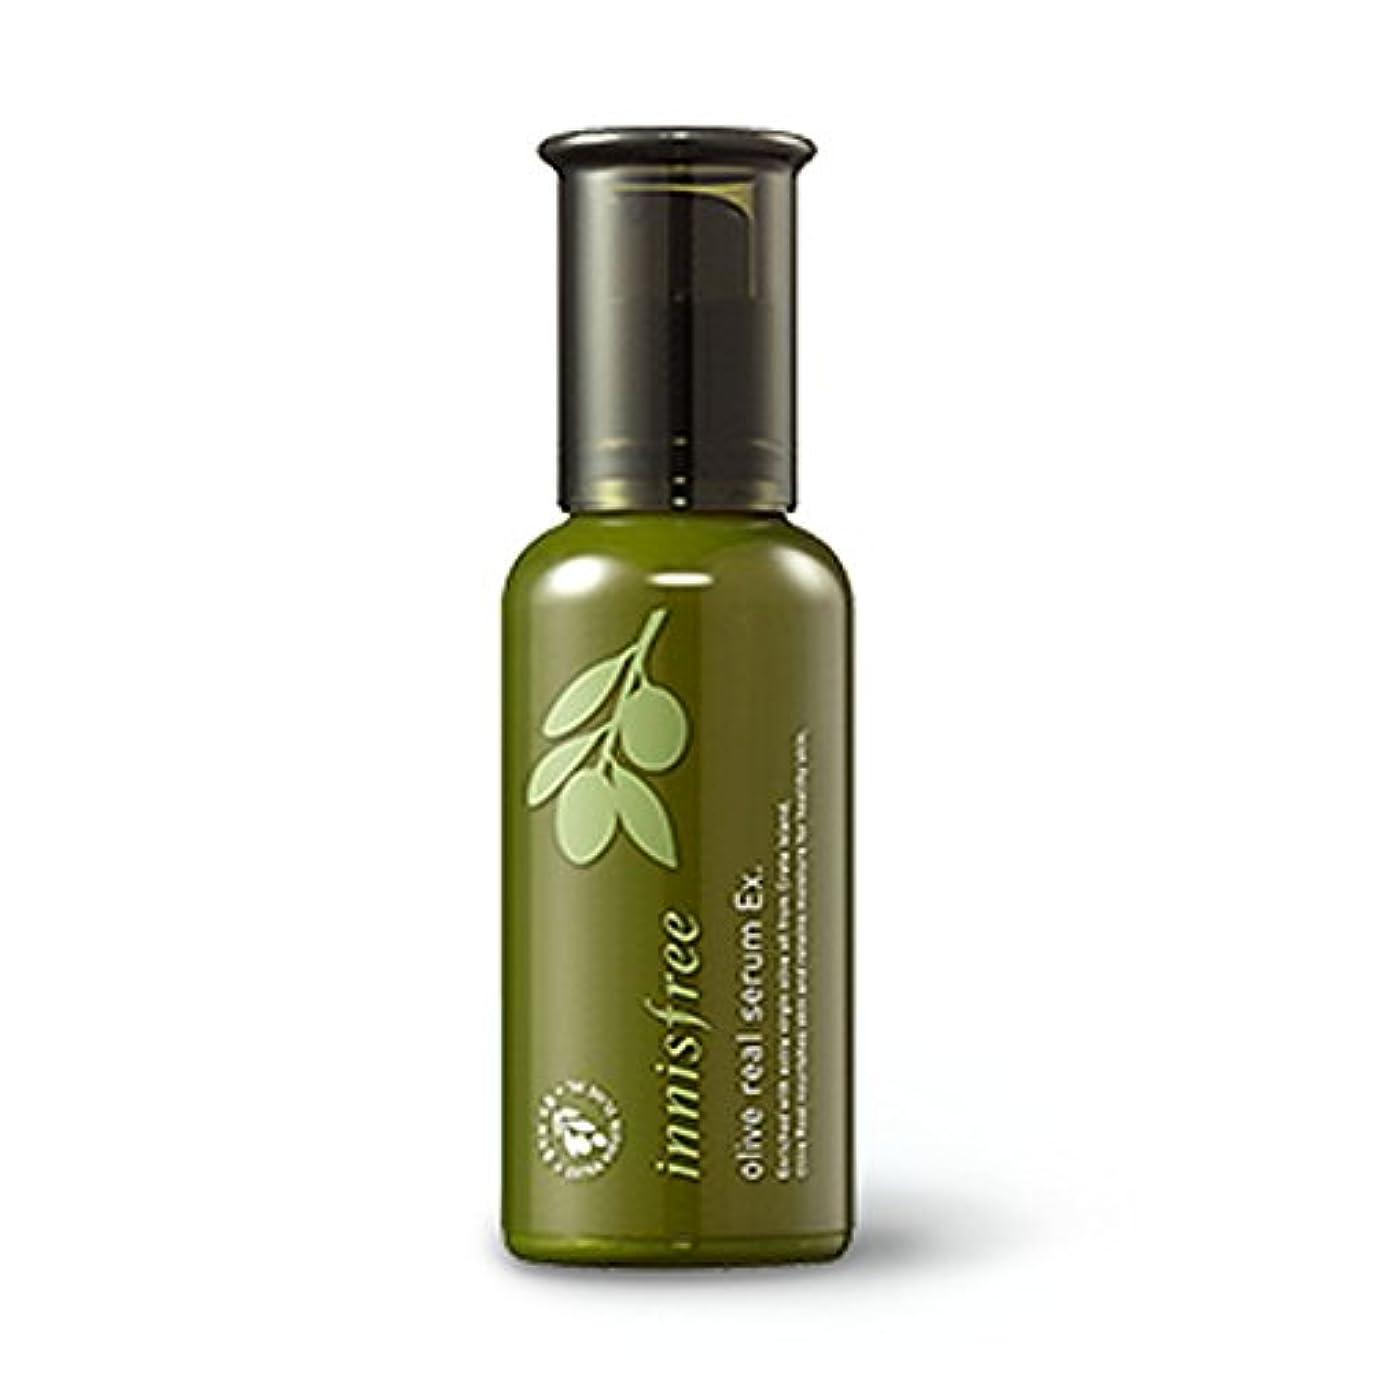 ペイントグラスに勝るイニスフリーオリーブリアルセラム 50ml / Innisfree Olive Real Serum Ex. 50ml[海外直送品][並行輸入品]